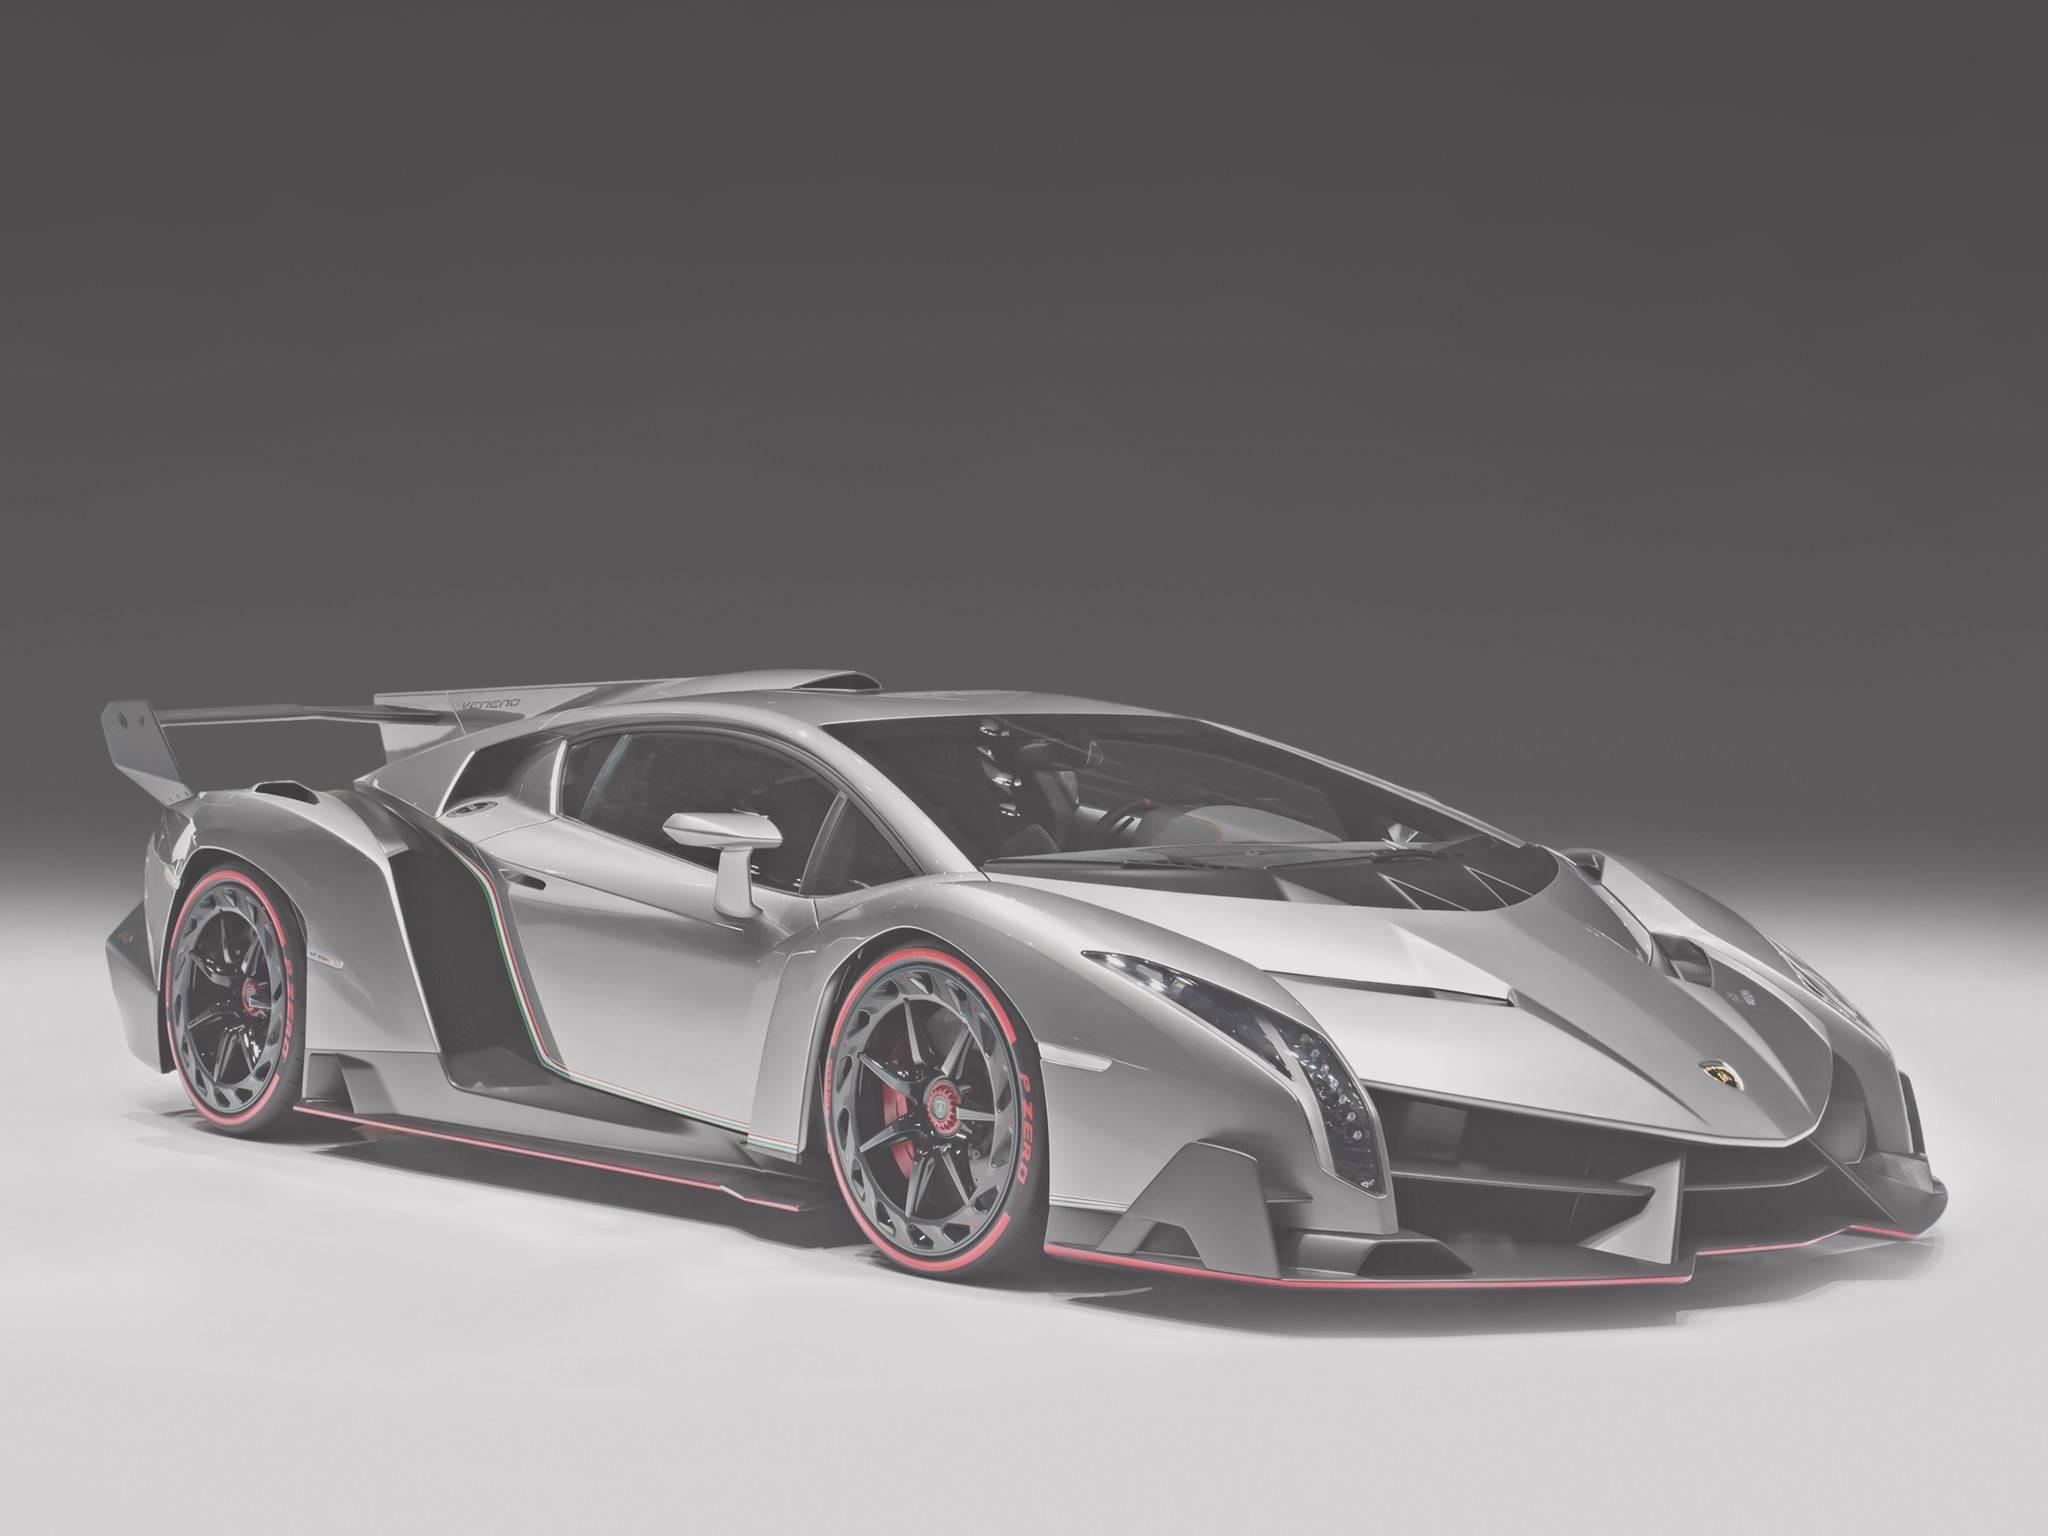 Sportwagen Zum Ausmalen Frisch 25 Liebenswert Ausmalbilder Zum Ausdrucken Lamborghini Sammlung